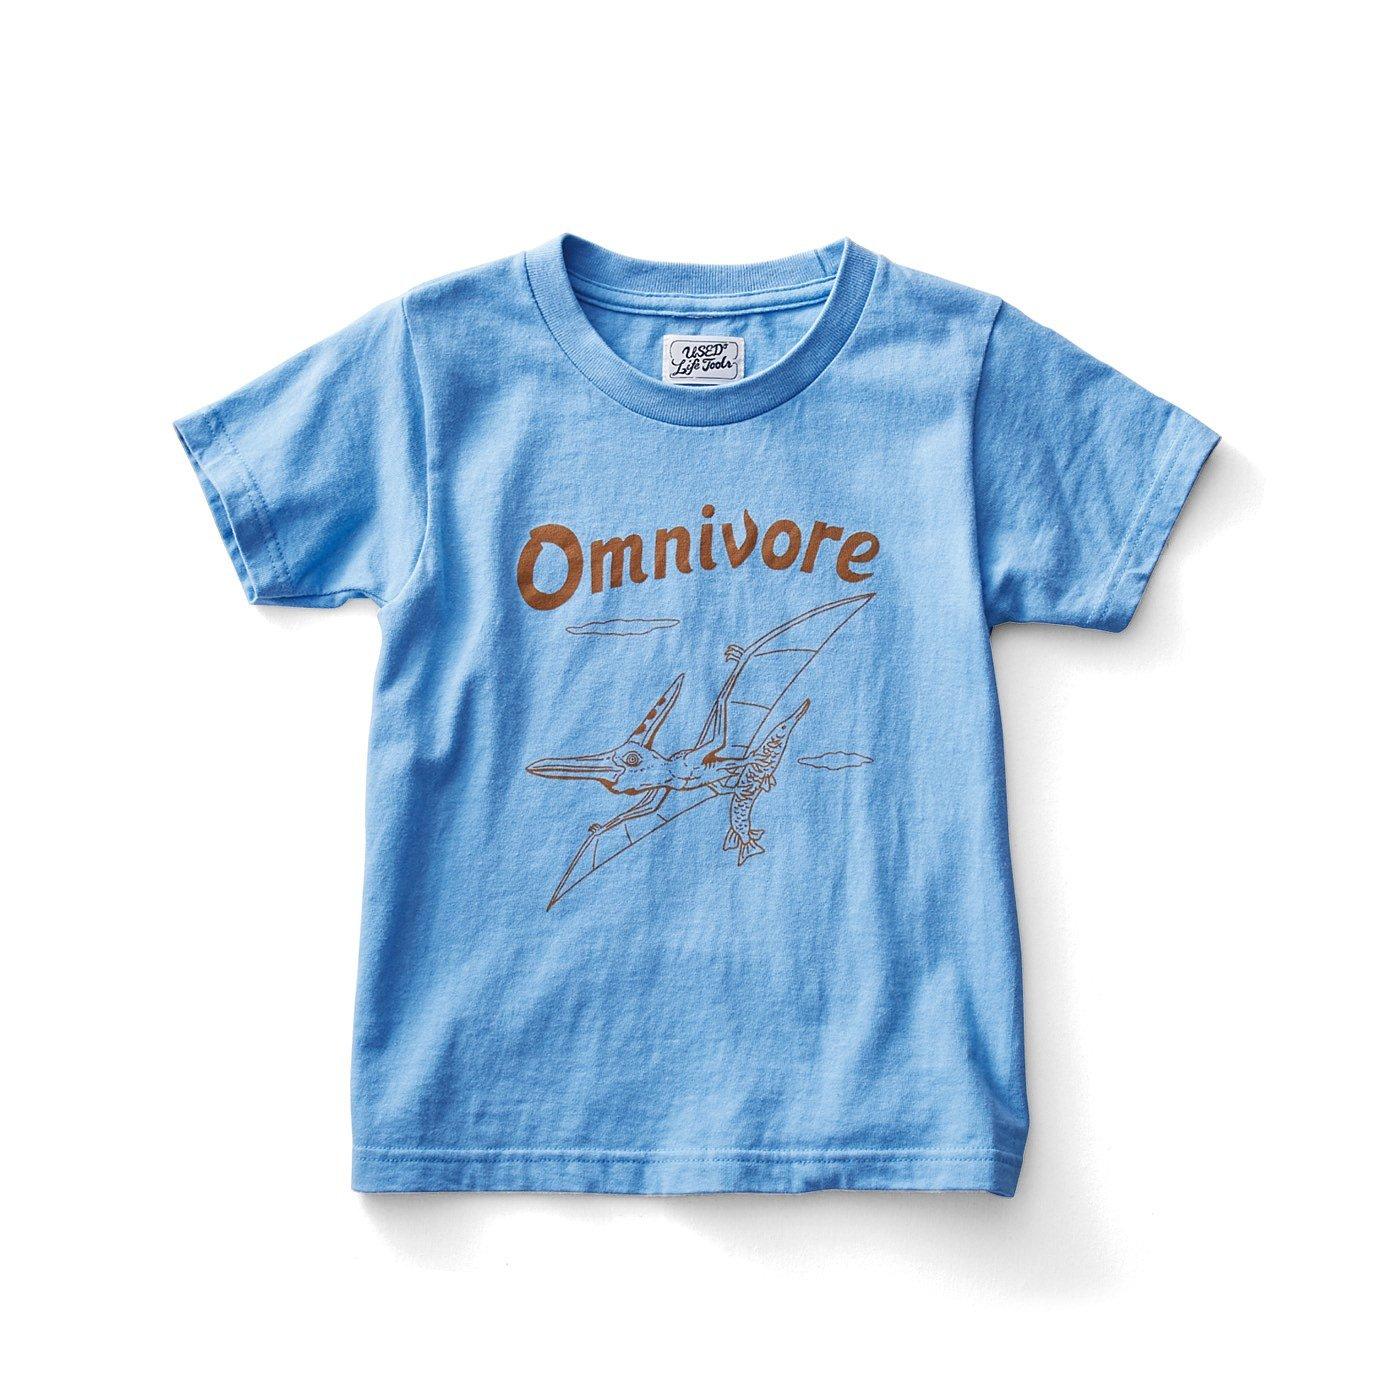 古着屋さんで見つけたような恐竜柄Tシャツ〈キッズ〉の会